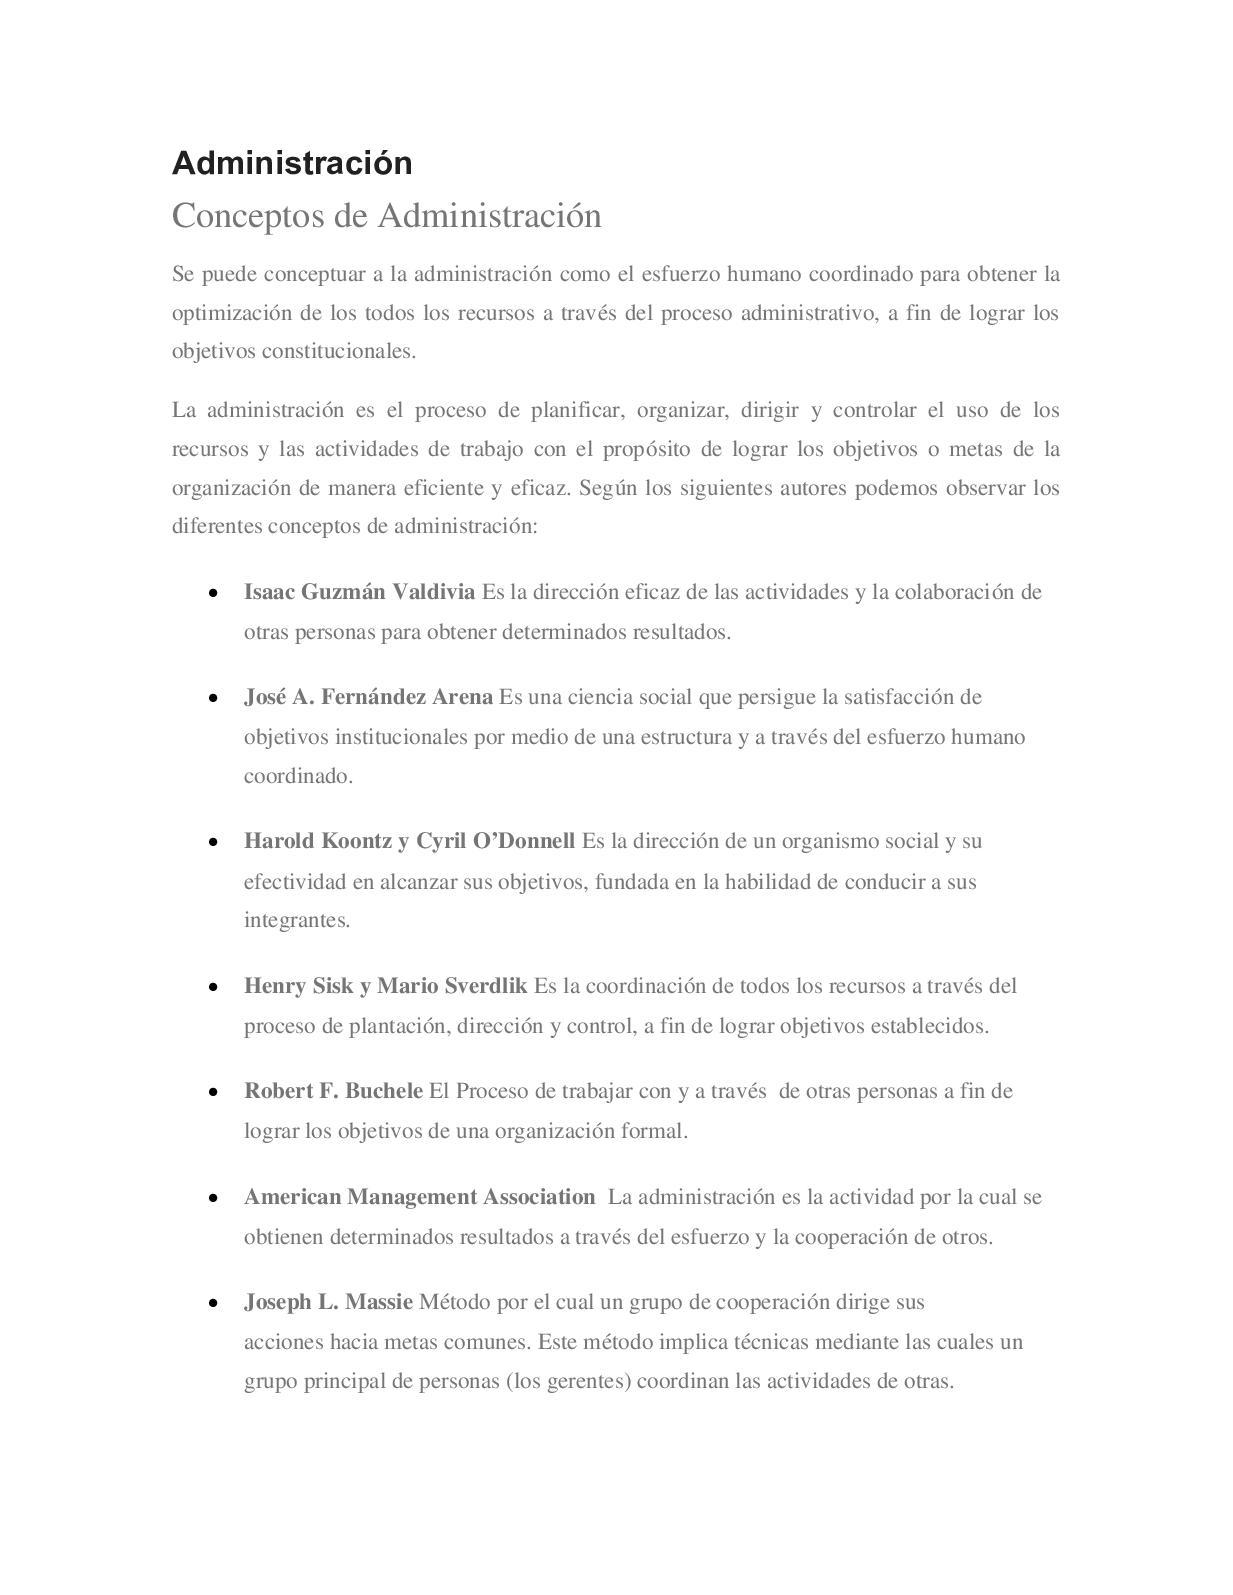 Calaméo Administración Conceptos